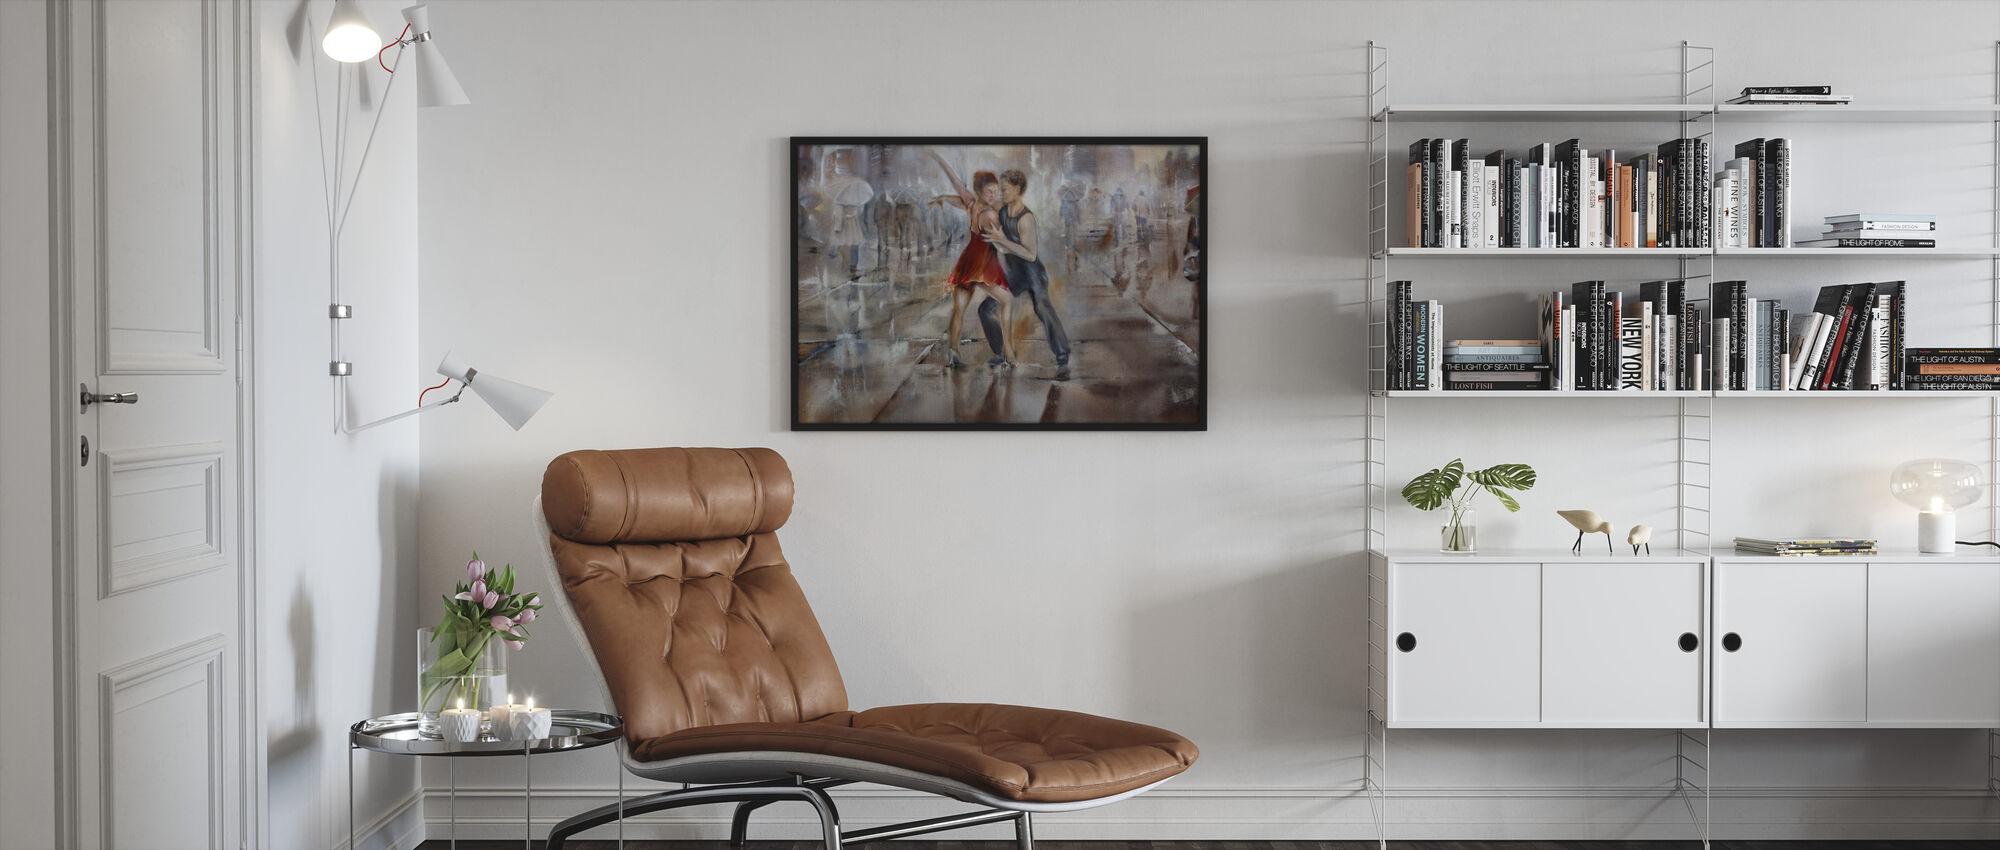 Raining Again - Framed print - Living Room